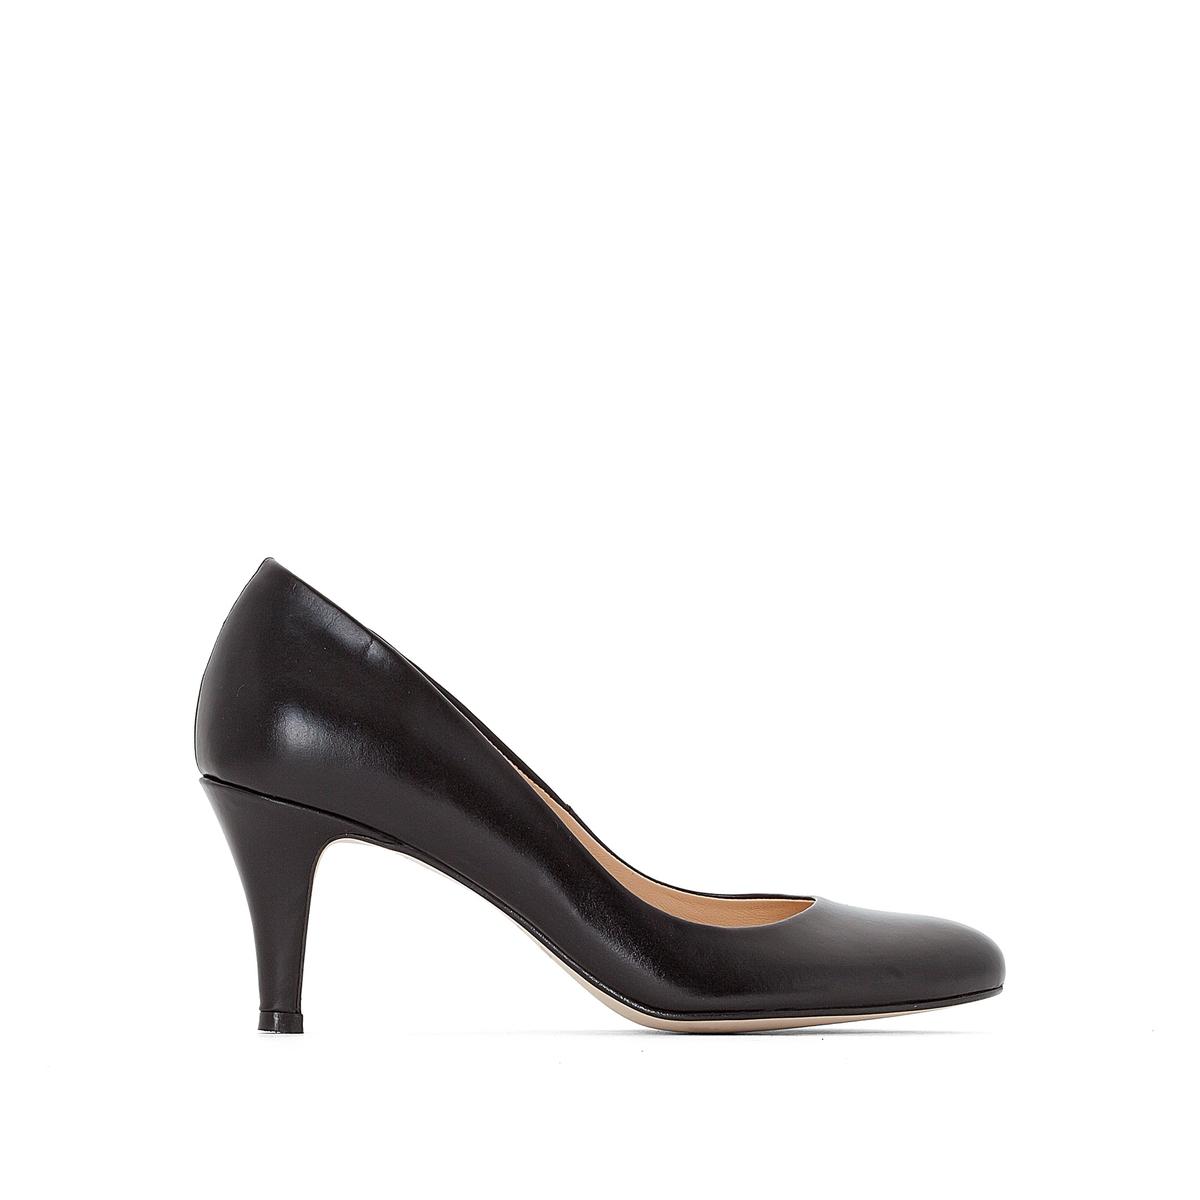 Туфли кожаныеВерх : кожа   Подкладка : кожа   Стелька : кожа   Подошва : эластомер   Высота каблука : 5 см   Форма каблука : тонкий каблук   Мысок : закругленный мысок   Застежка : без застежки<br><br>Цвет: черный<br>Размер: 41